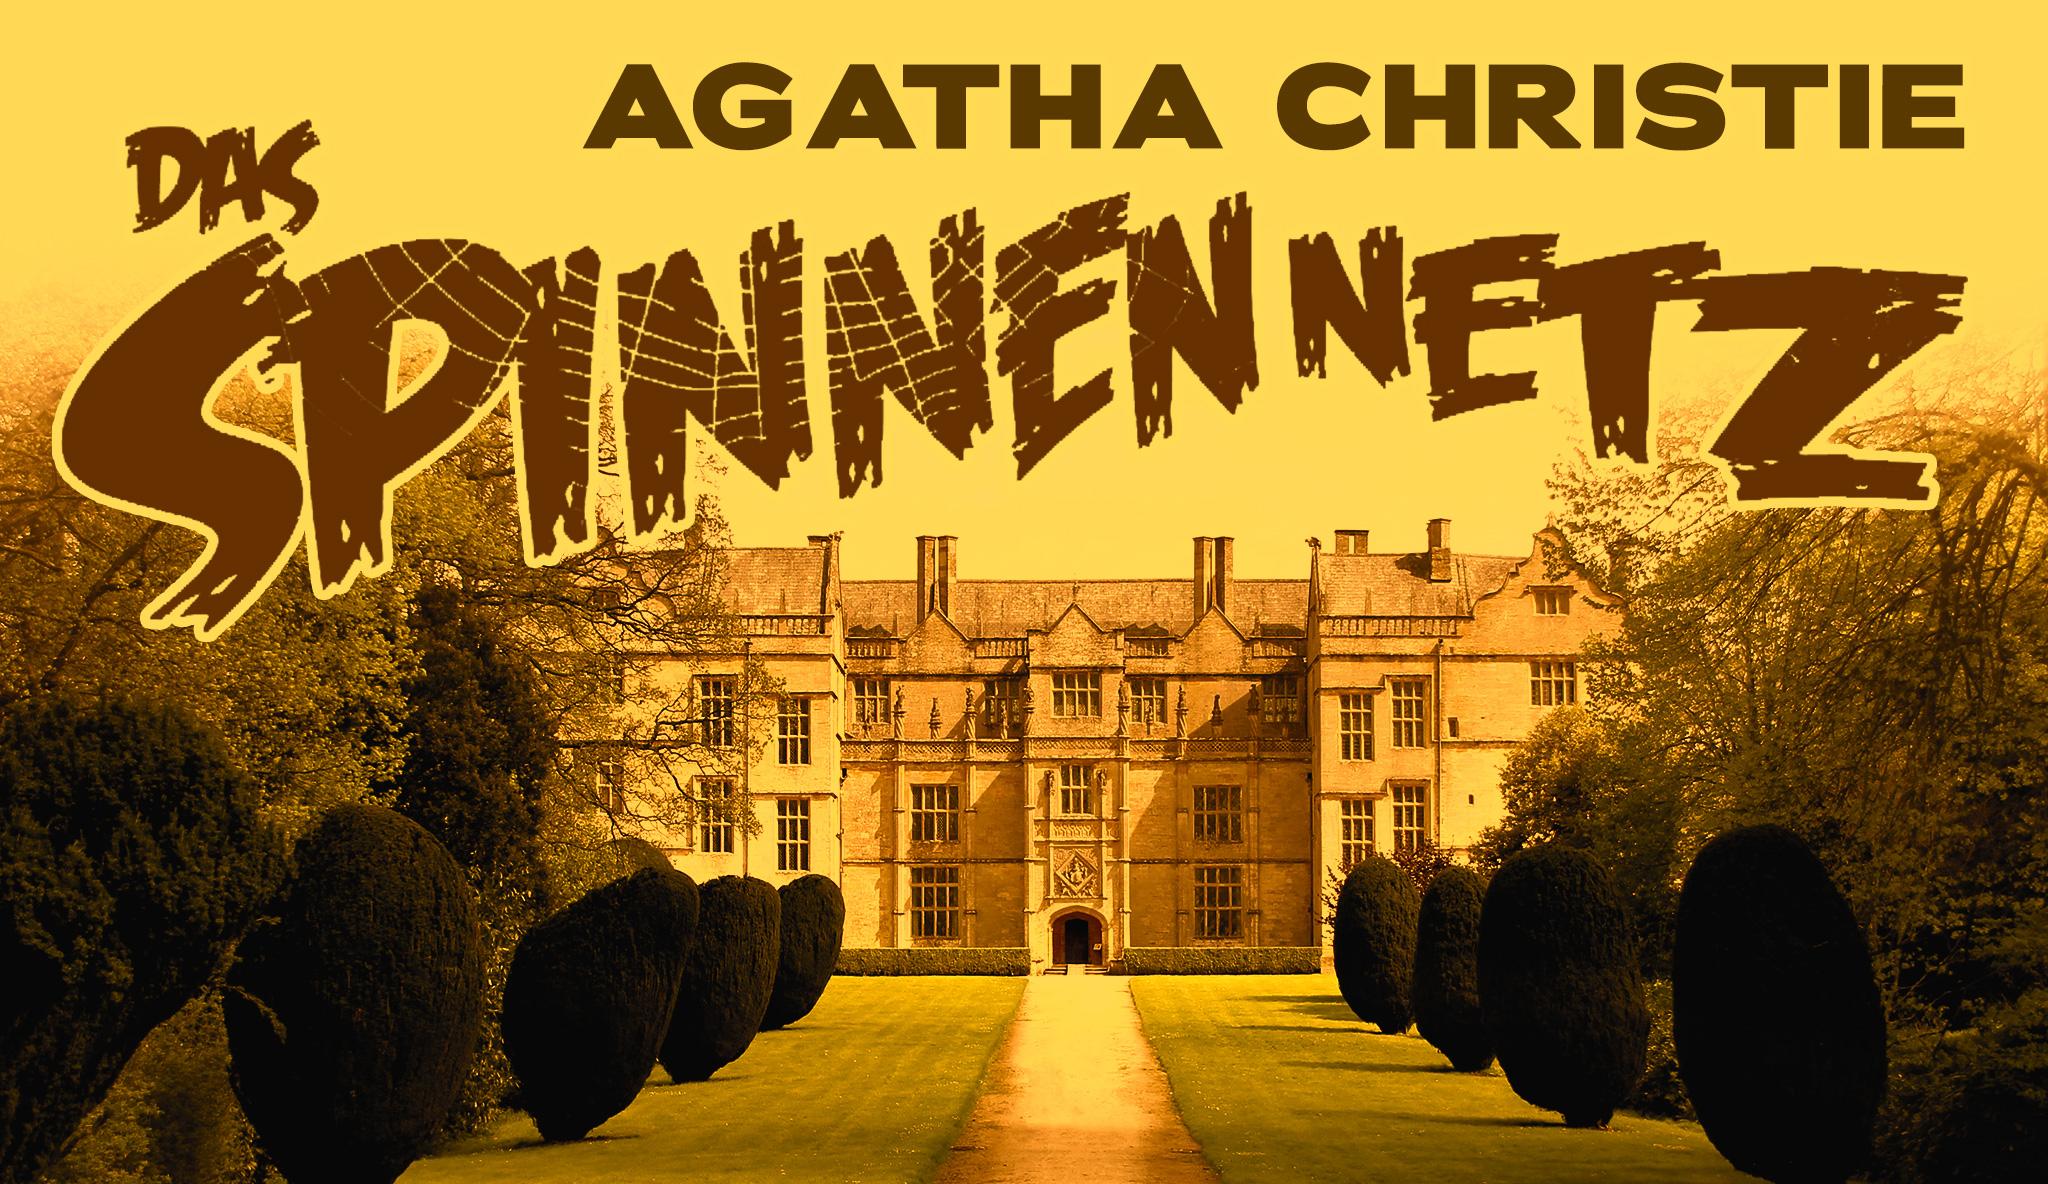 agatha-christie-das-spinnennetz\header.jpg